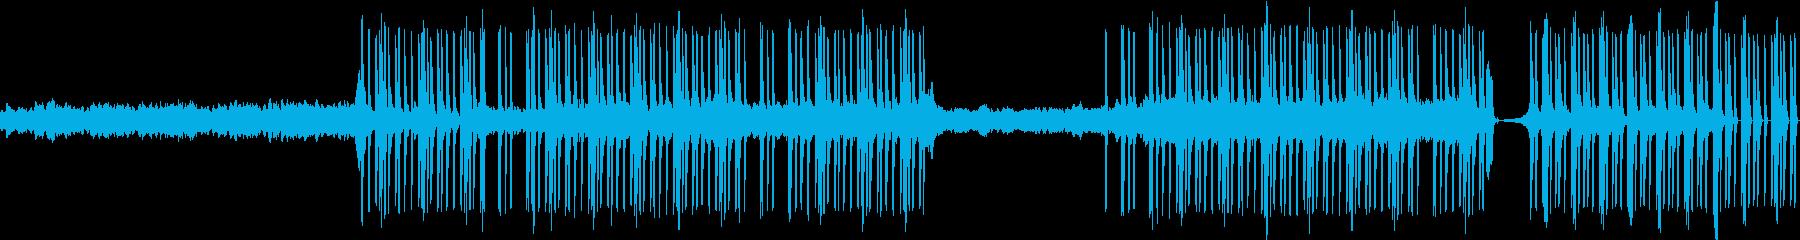 ハープとリズム。の再生済みの波形